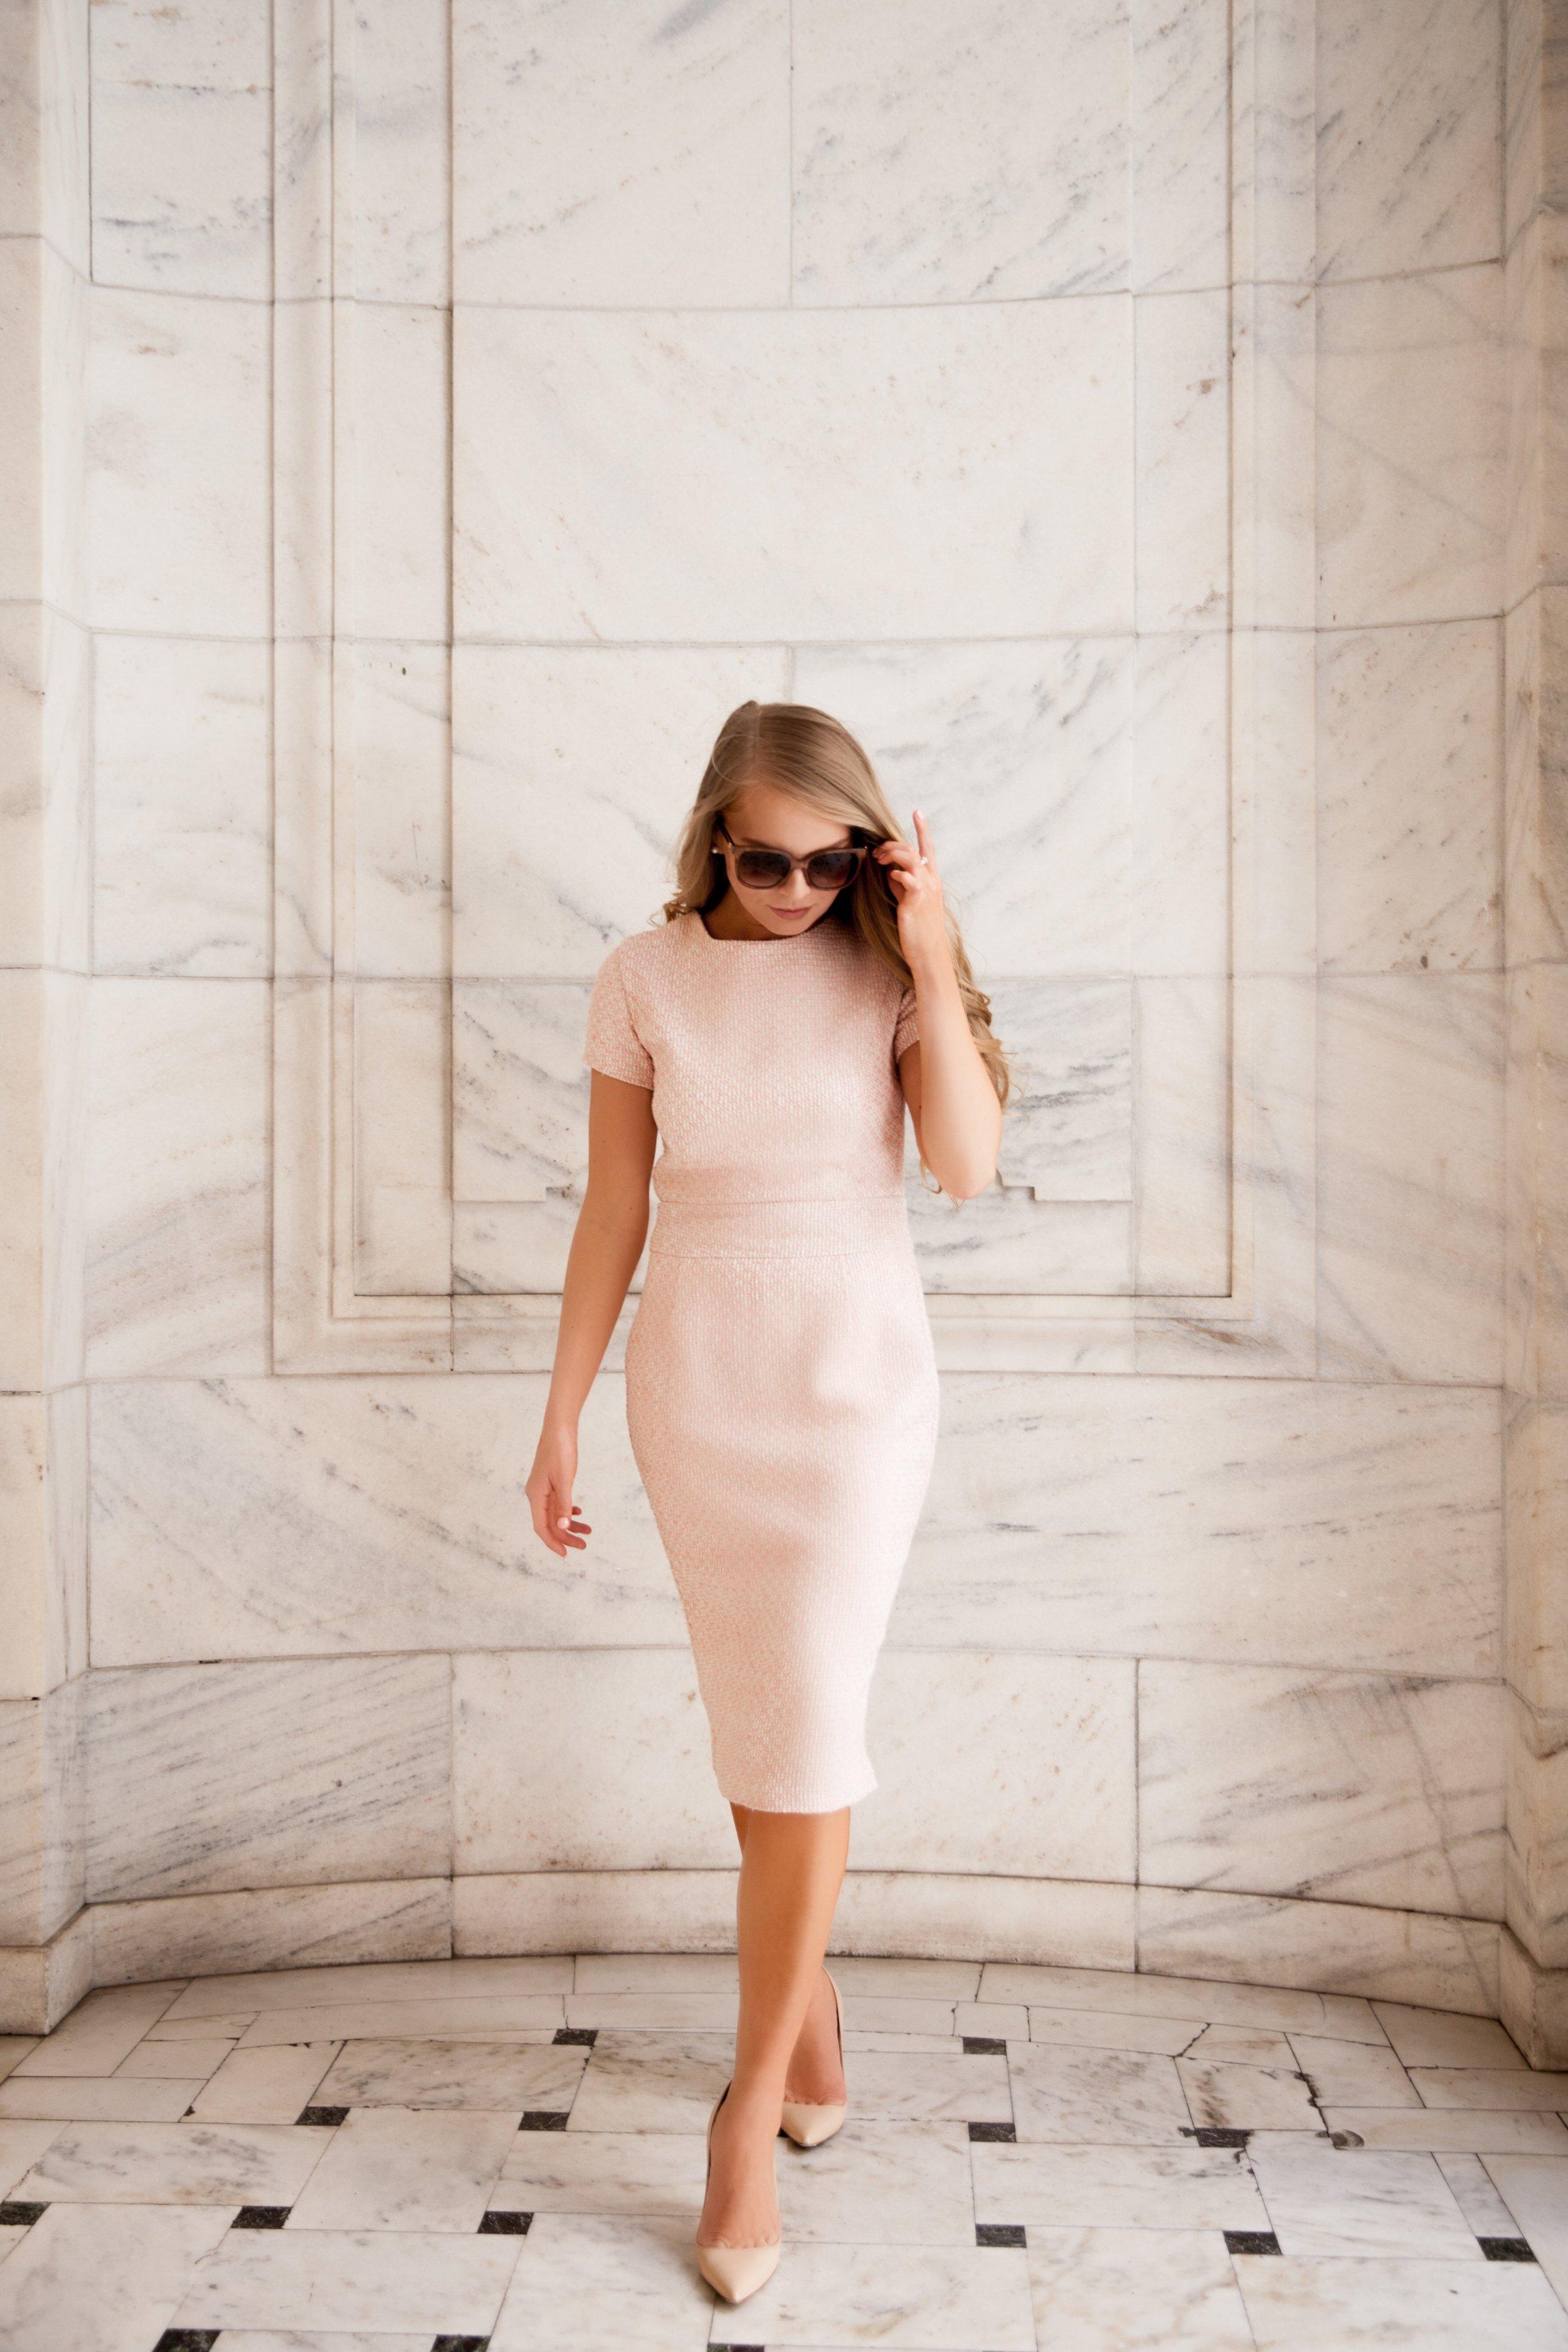 The Senate Dress by NATIA ERIN